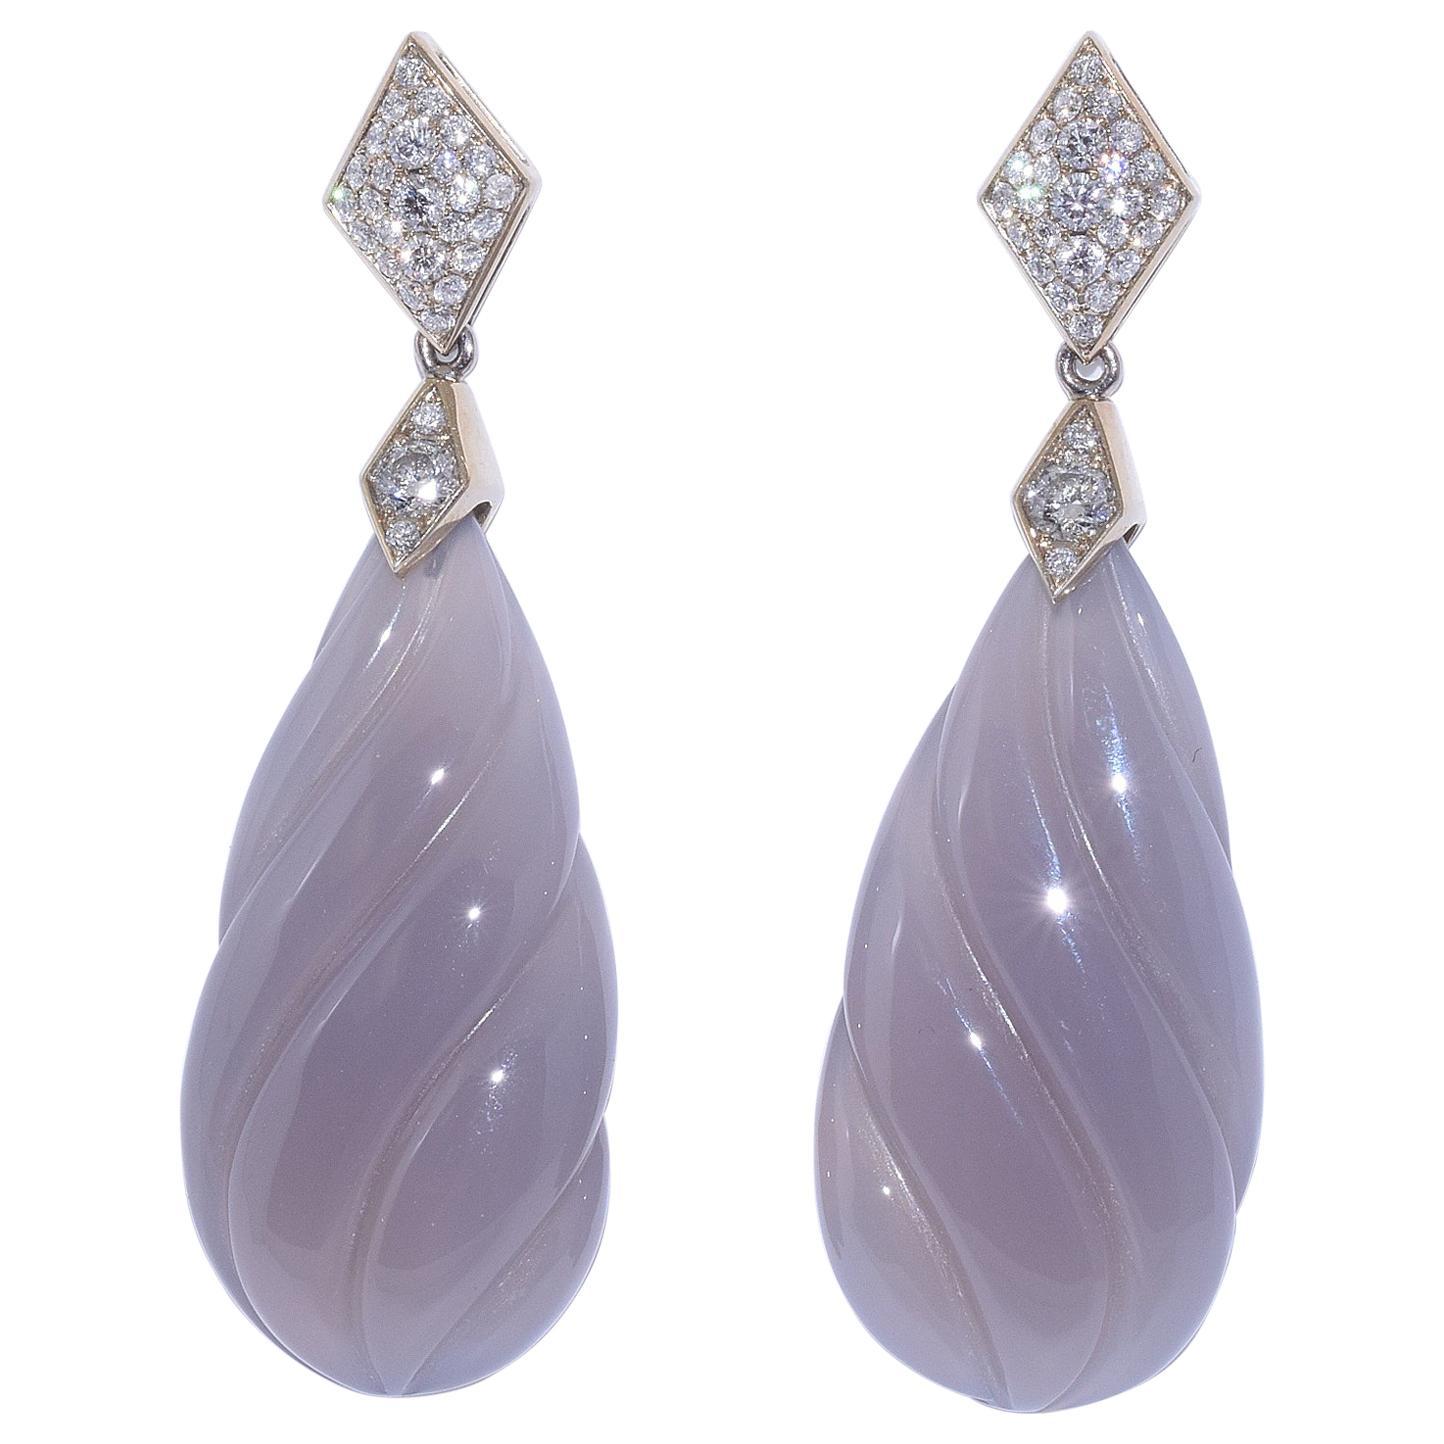 Fred Leighton Grey Chalcedony and Diamond Helix Pendant Earrings